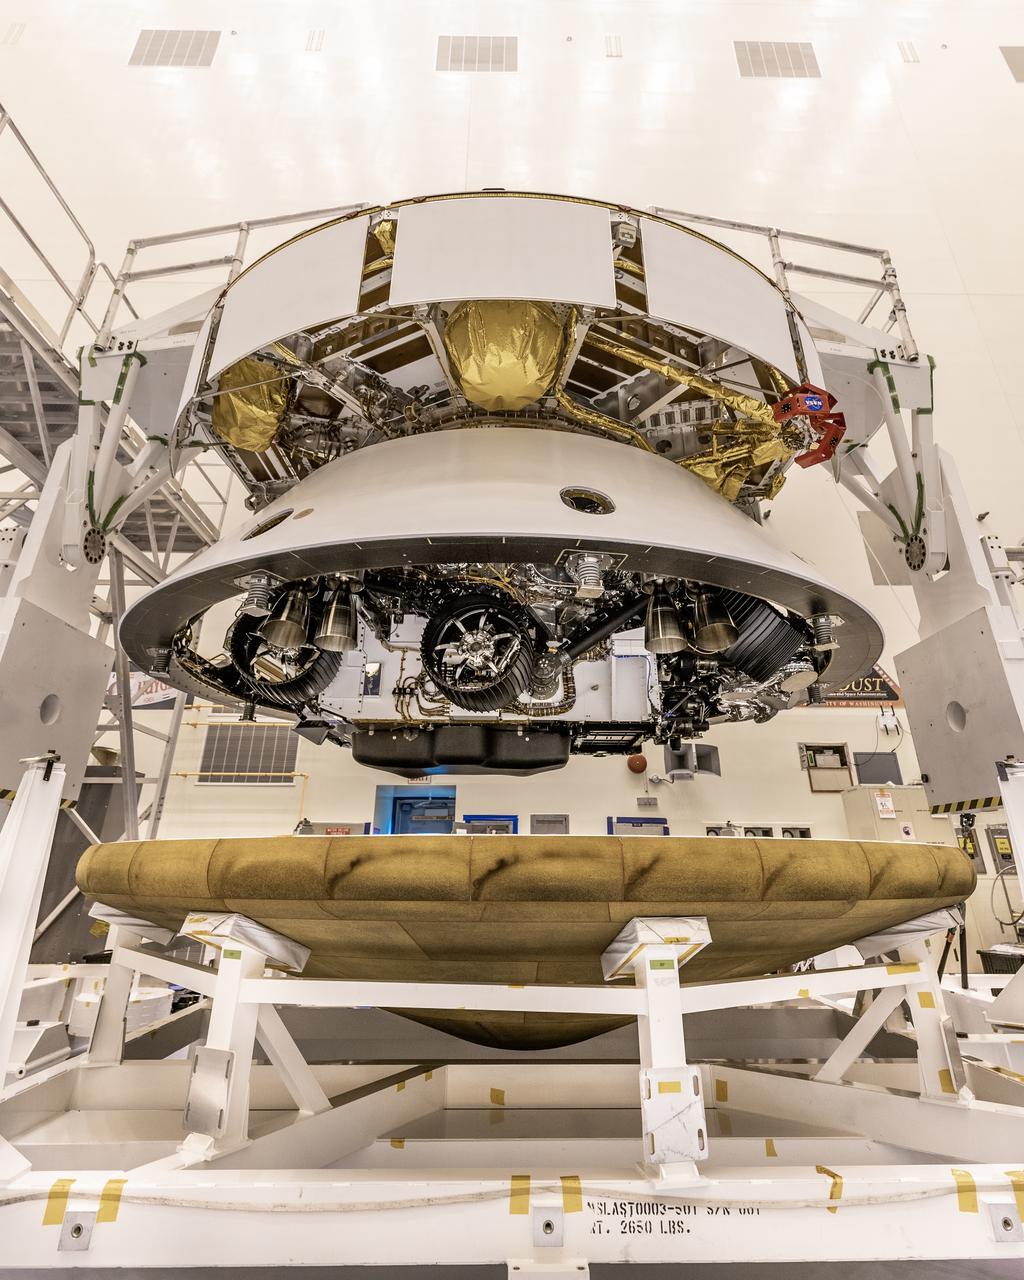 Perseverance Mars2020 rover bouclier préparation © NASA/Christian Mangano